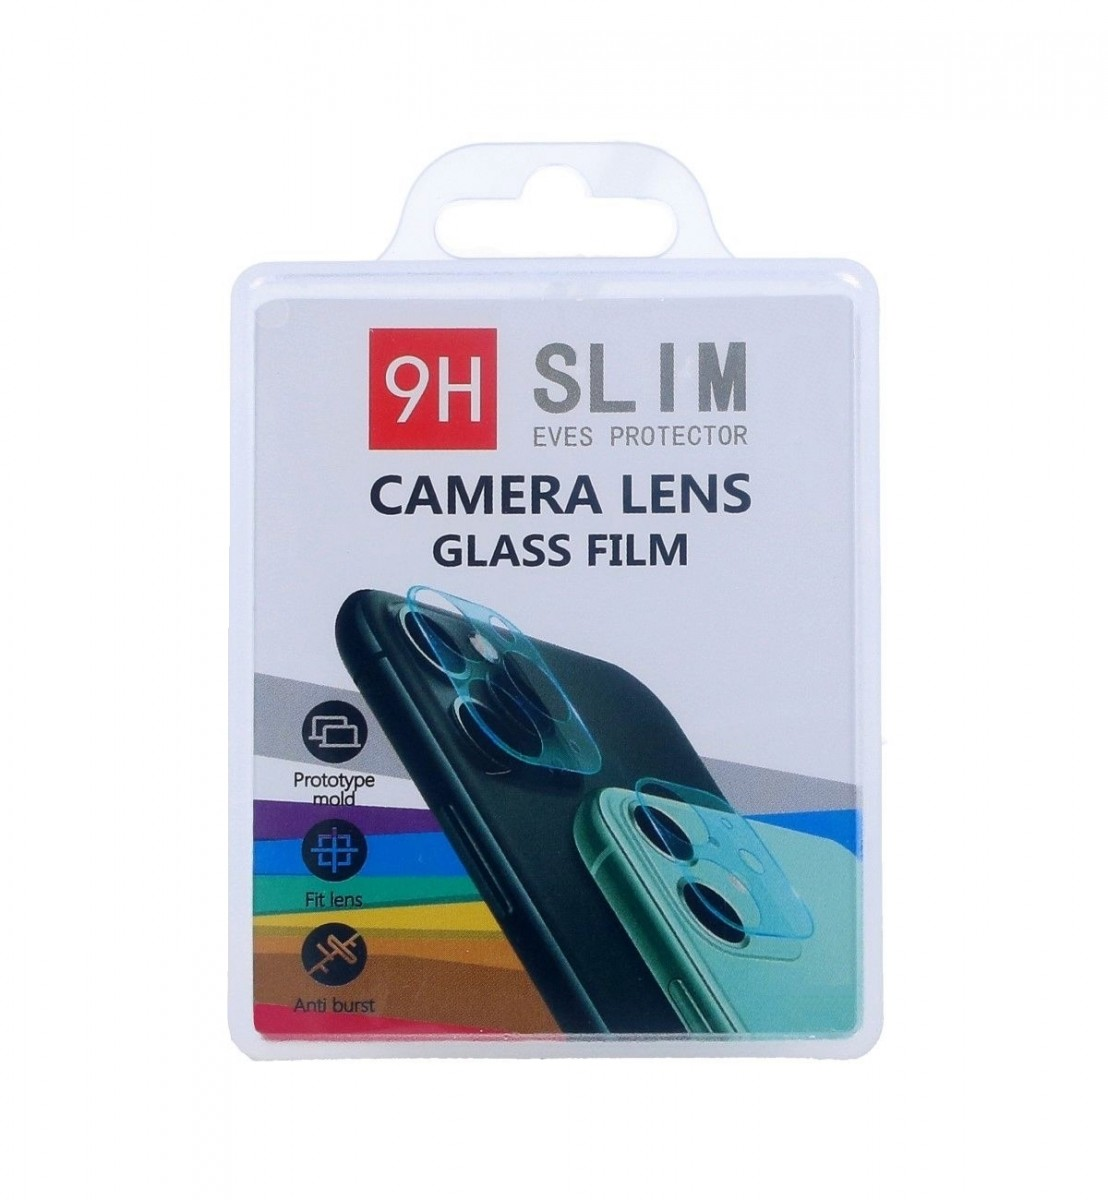 Tvrzené sklo TopQ na zadní fotoaparát Samsung A41 53700 (ochranné sklo na zadní čočku fotoaparátu Samsung A41)